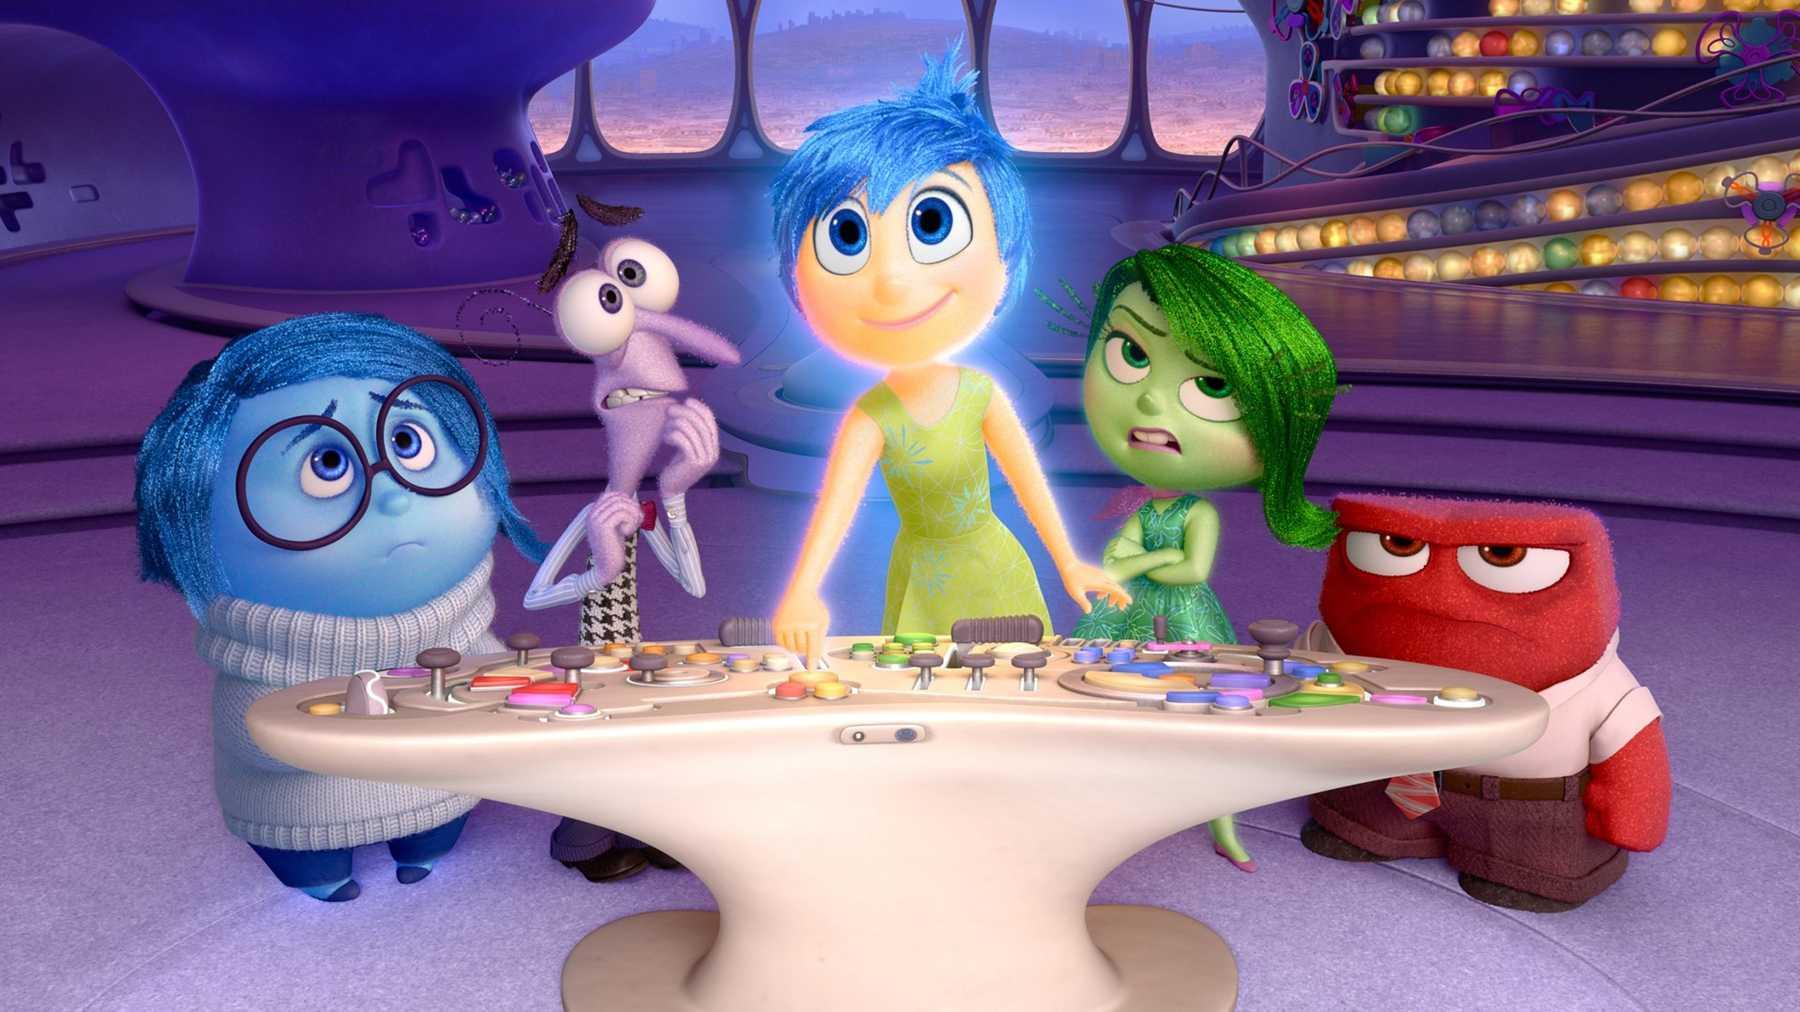 En iyi Pixar filmleri Inside Out filmi